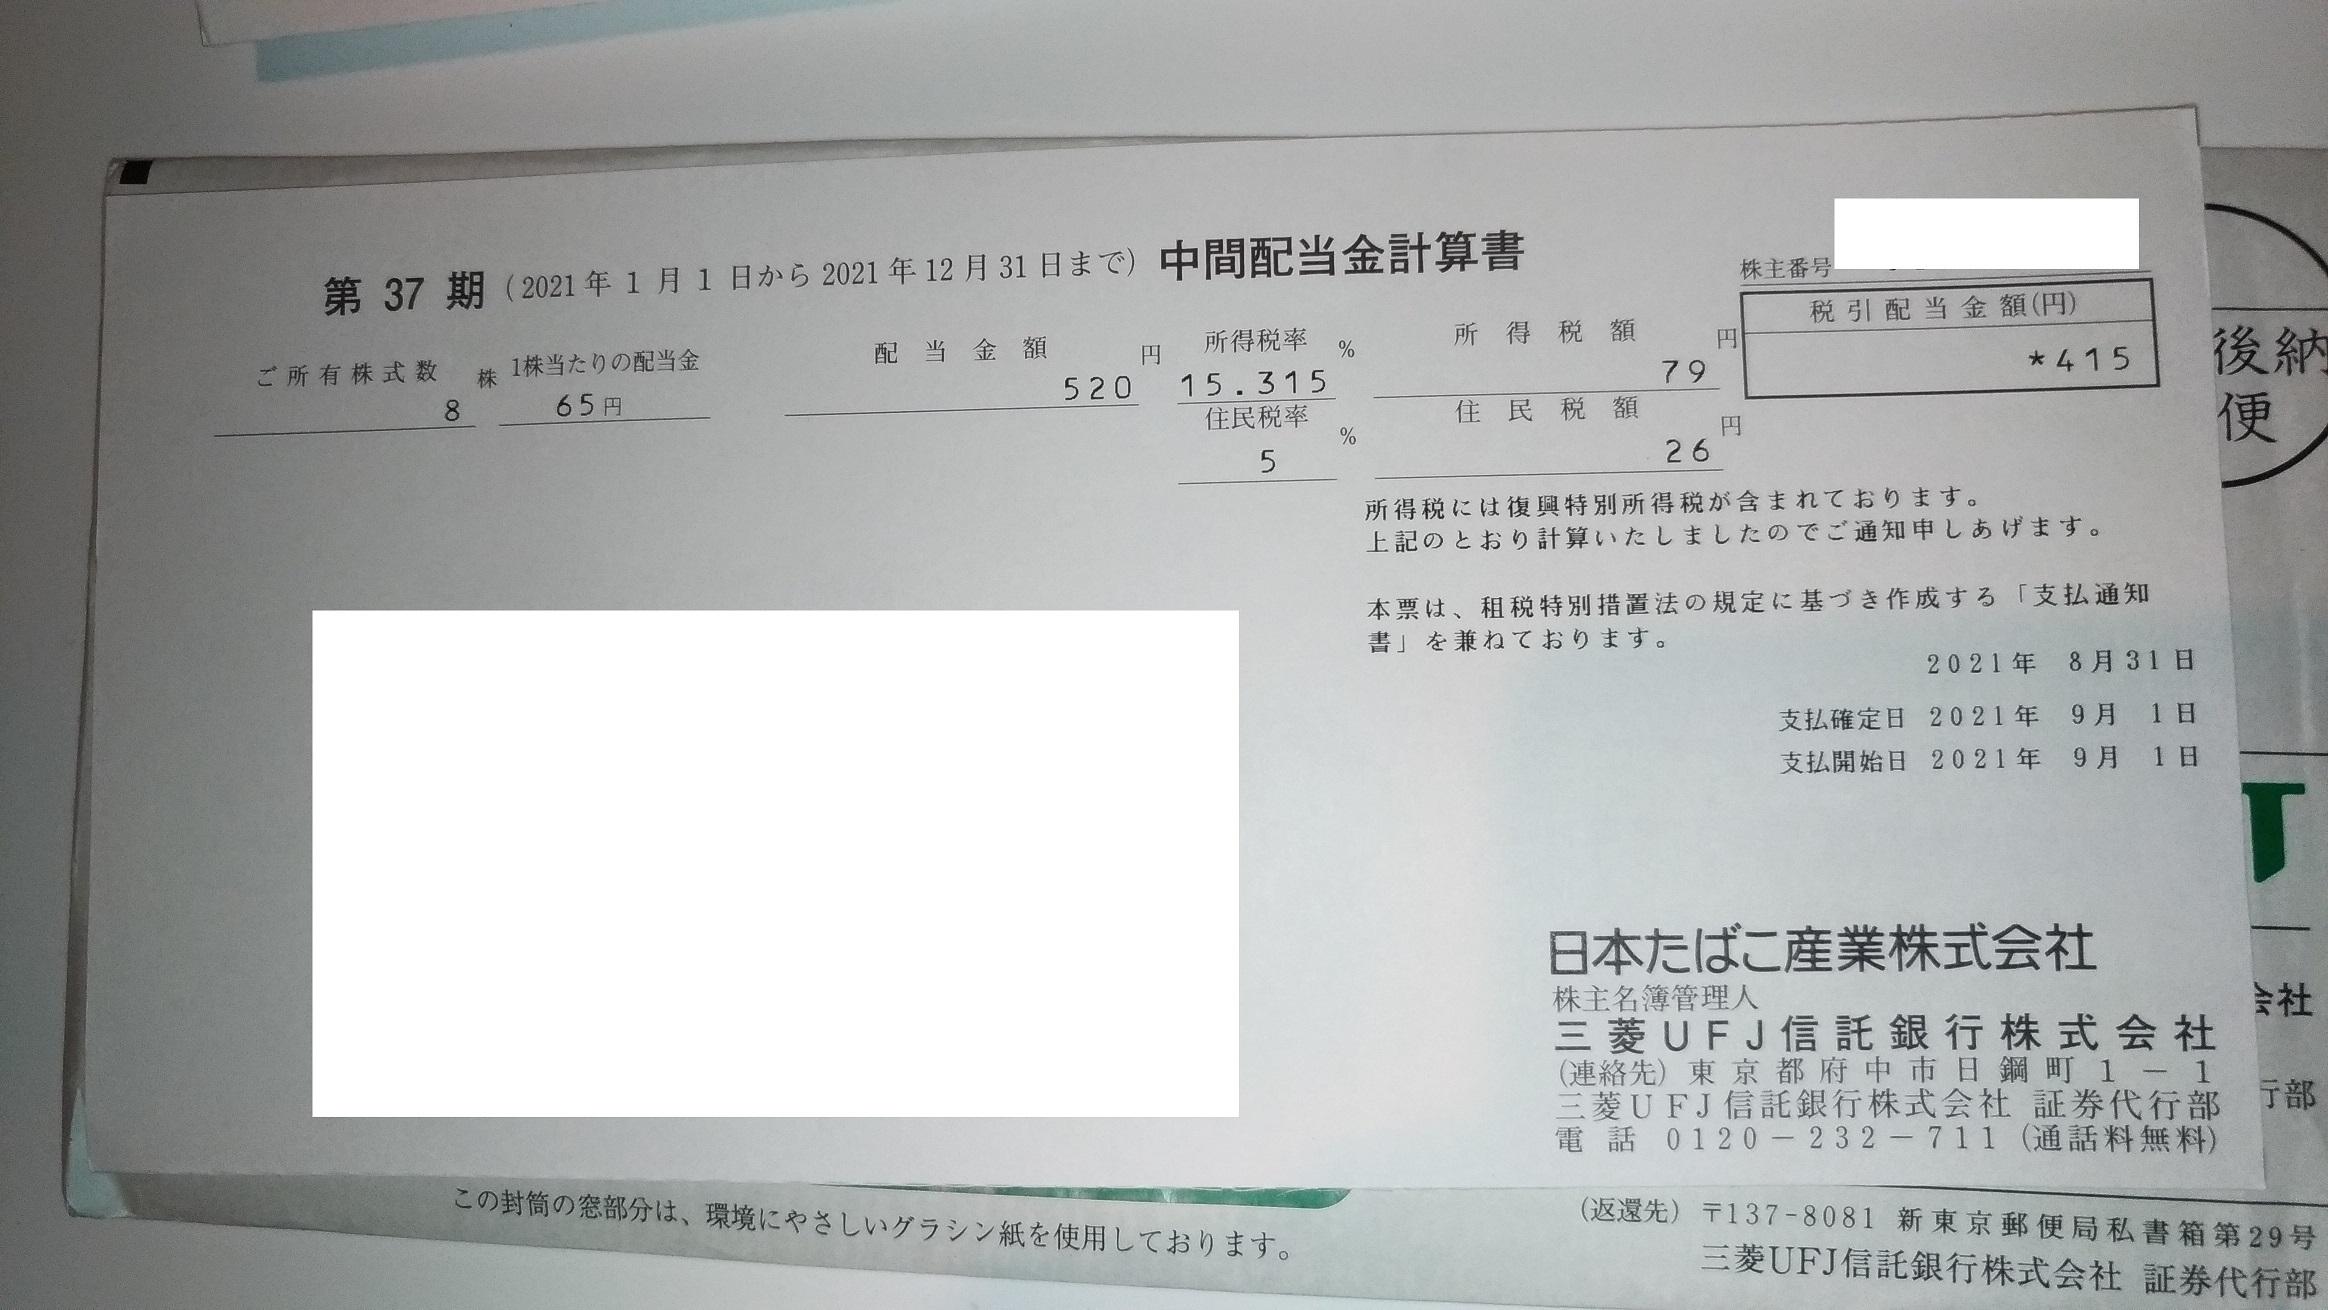 kabu_JT_0902_haito_2.jpg